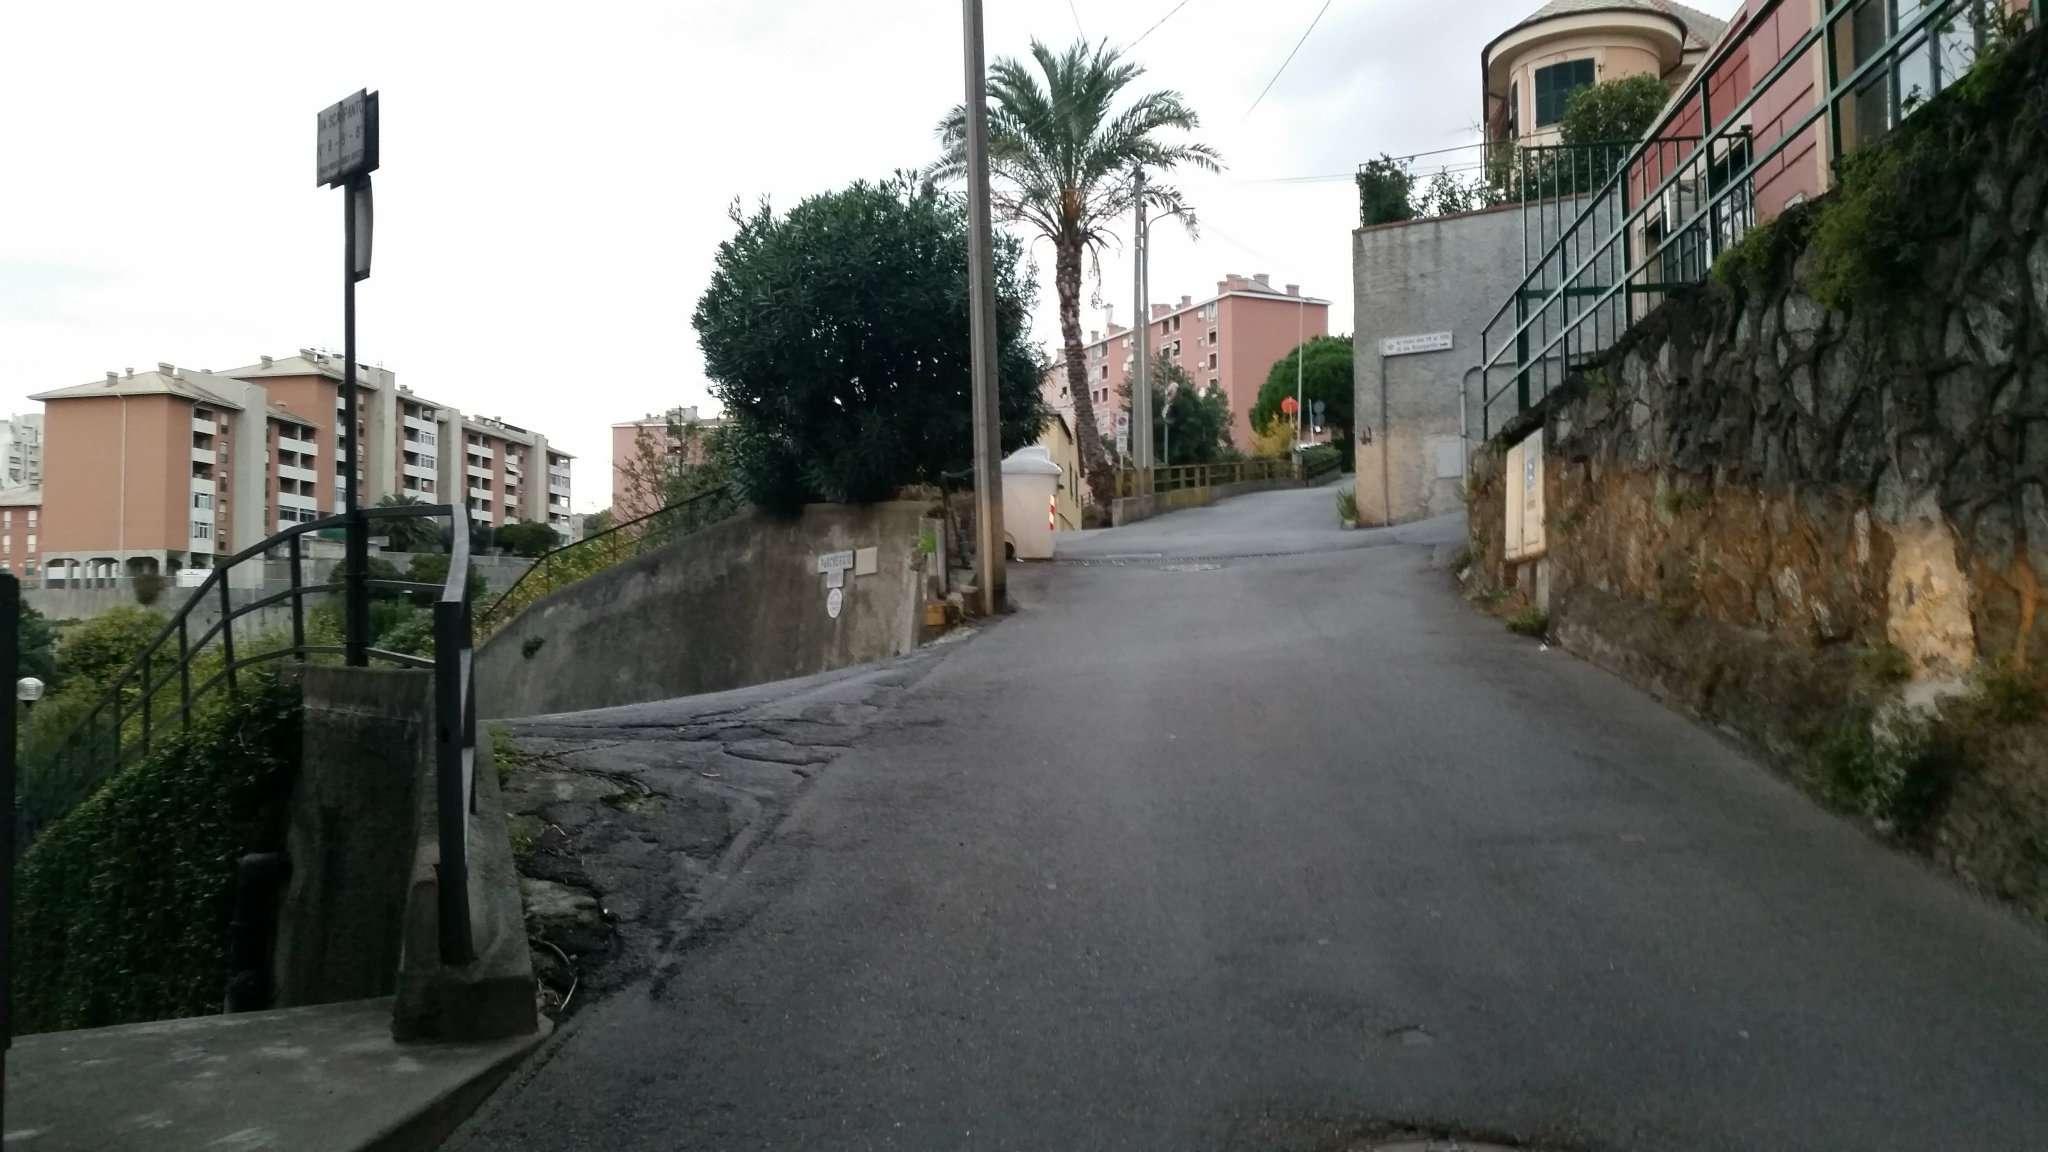 Box / Garage in vendita a Genova, 1 locali, zona Zona: 14 . Pegli, prezzo € 45.000 | Cambio Casa.it